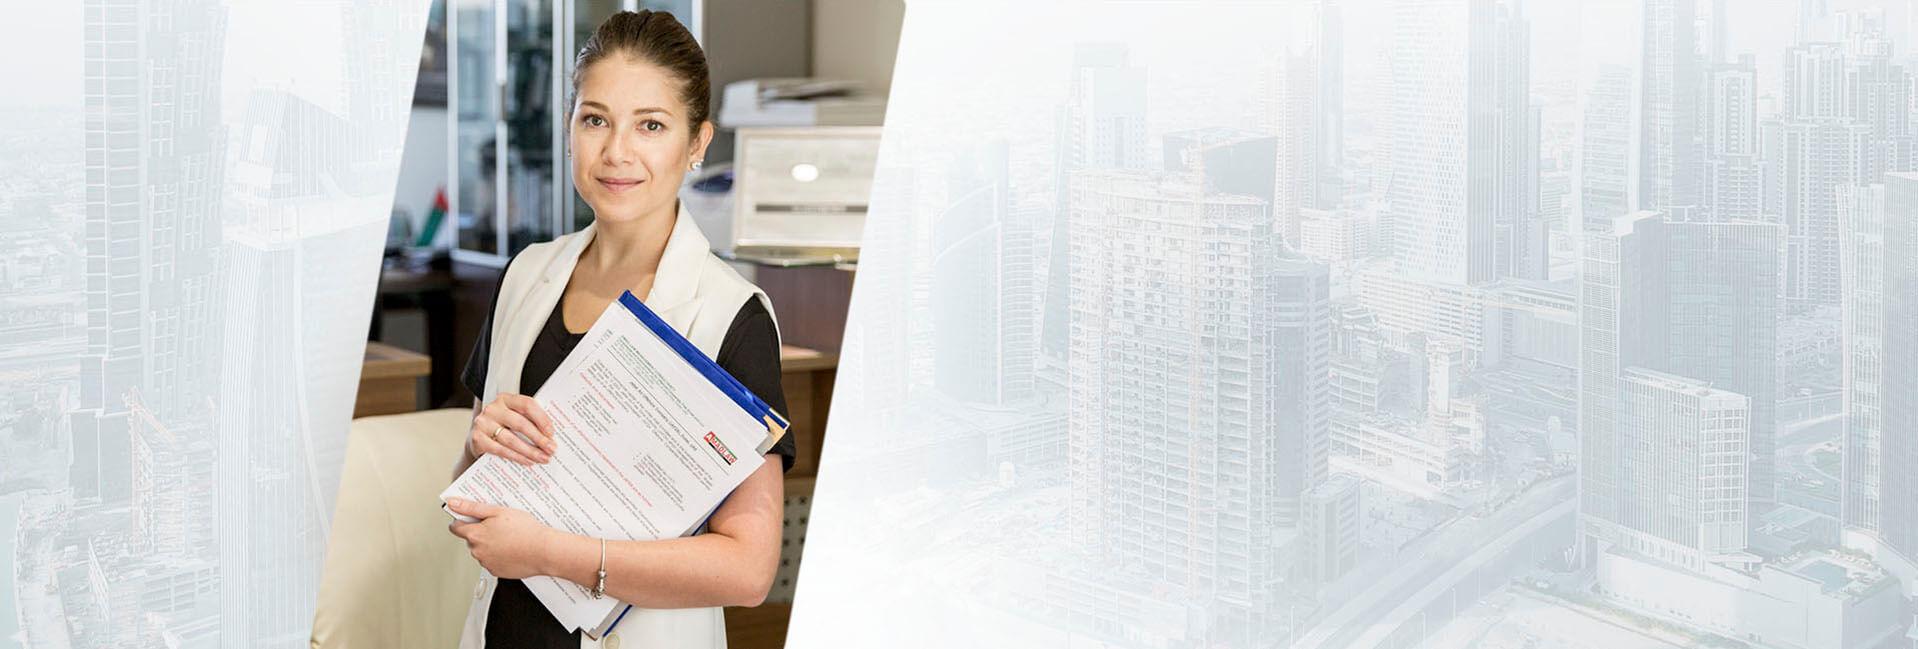 Команда Специалистов|Офис в Дубае